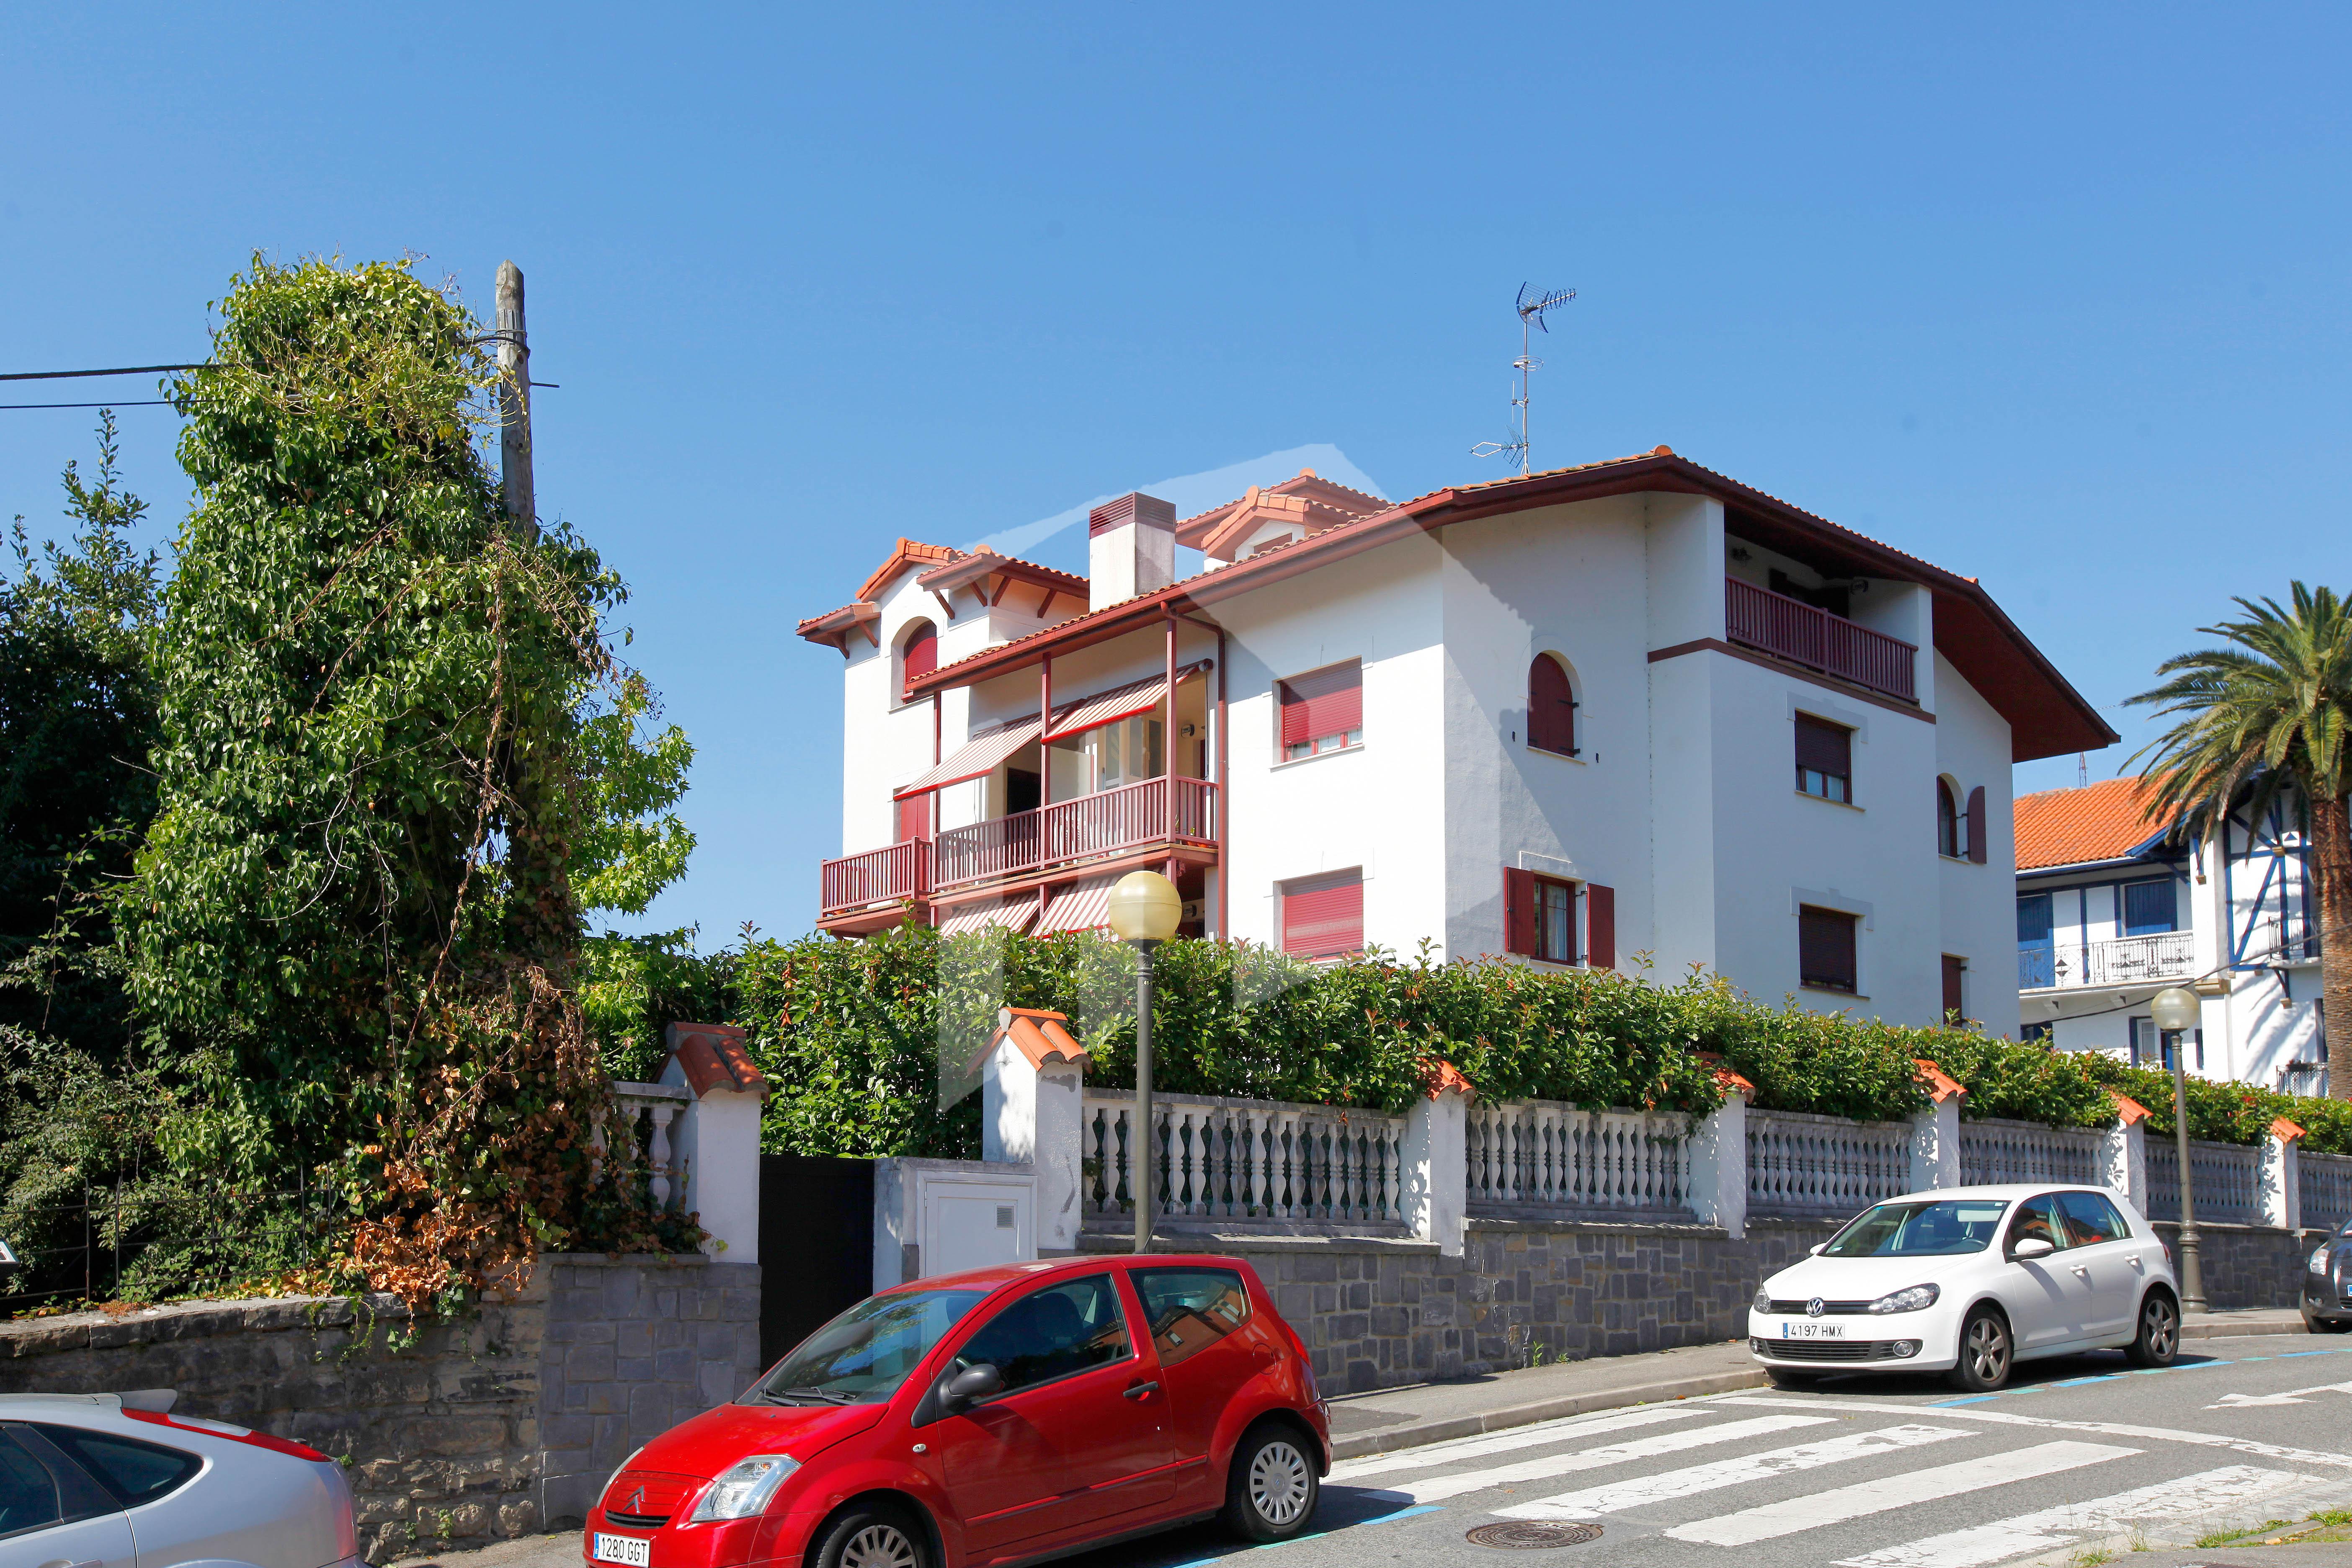 magnifica y luminosa vivienda de 96 m2 const. en 2009, orientada a tres fachadas ( S. E. y O. ) y con espectaculares vistas a toda la ciudad